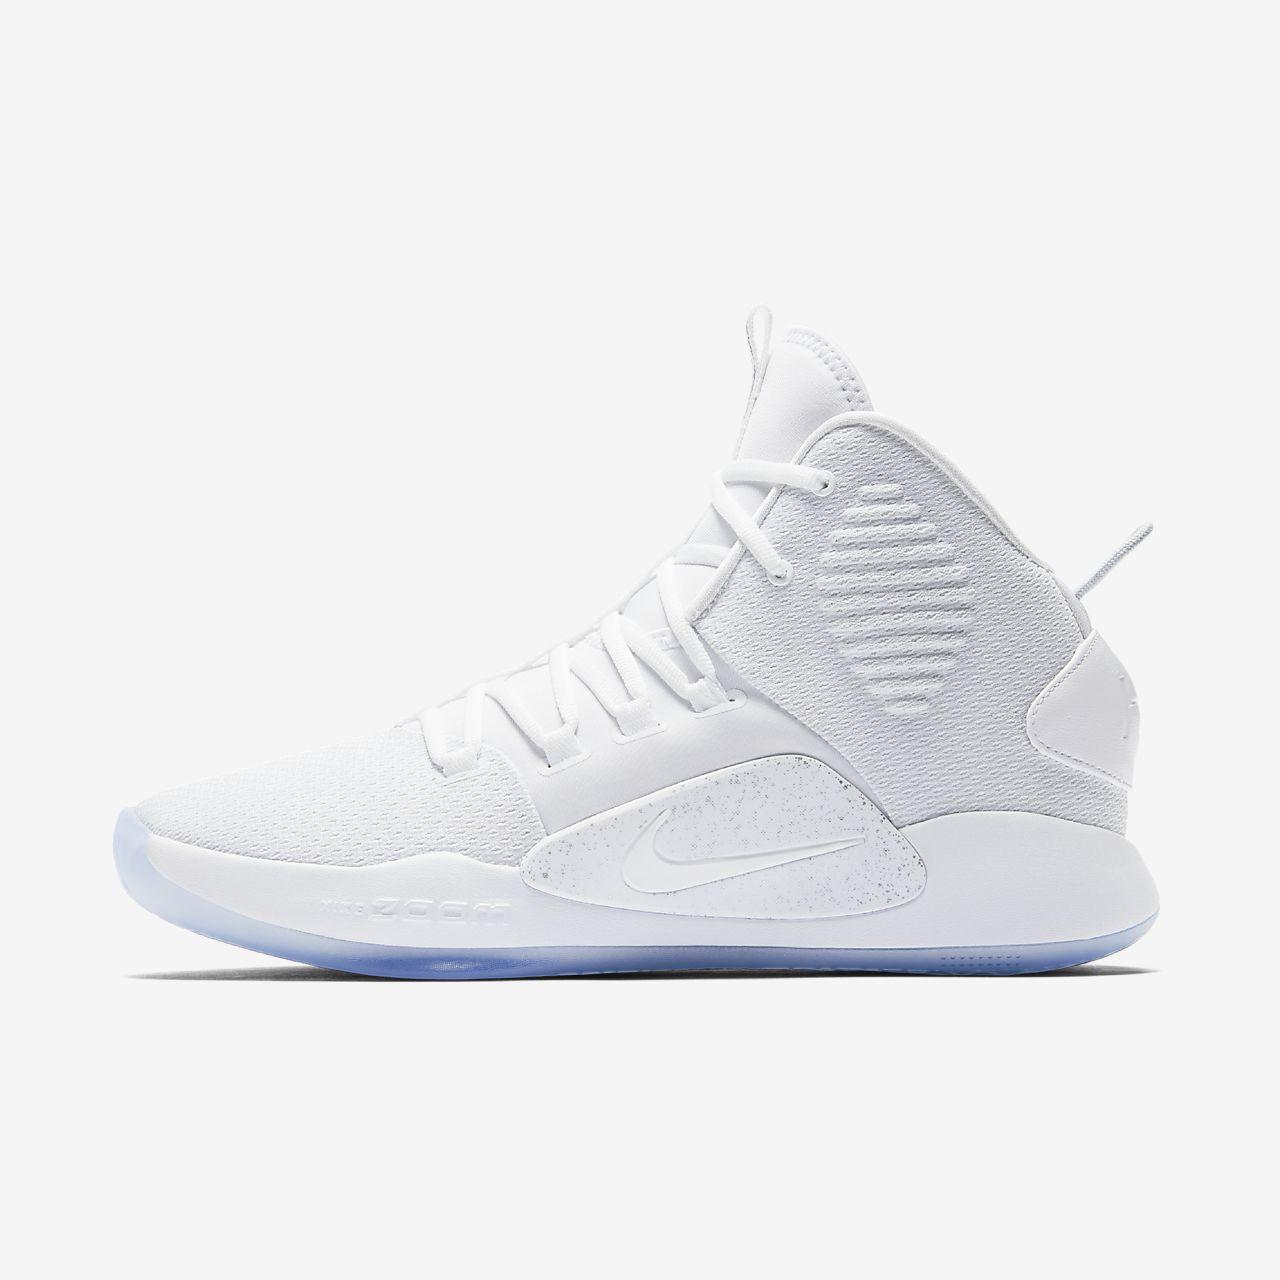 Nike Hyperdunk X 籃球鞋